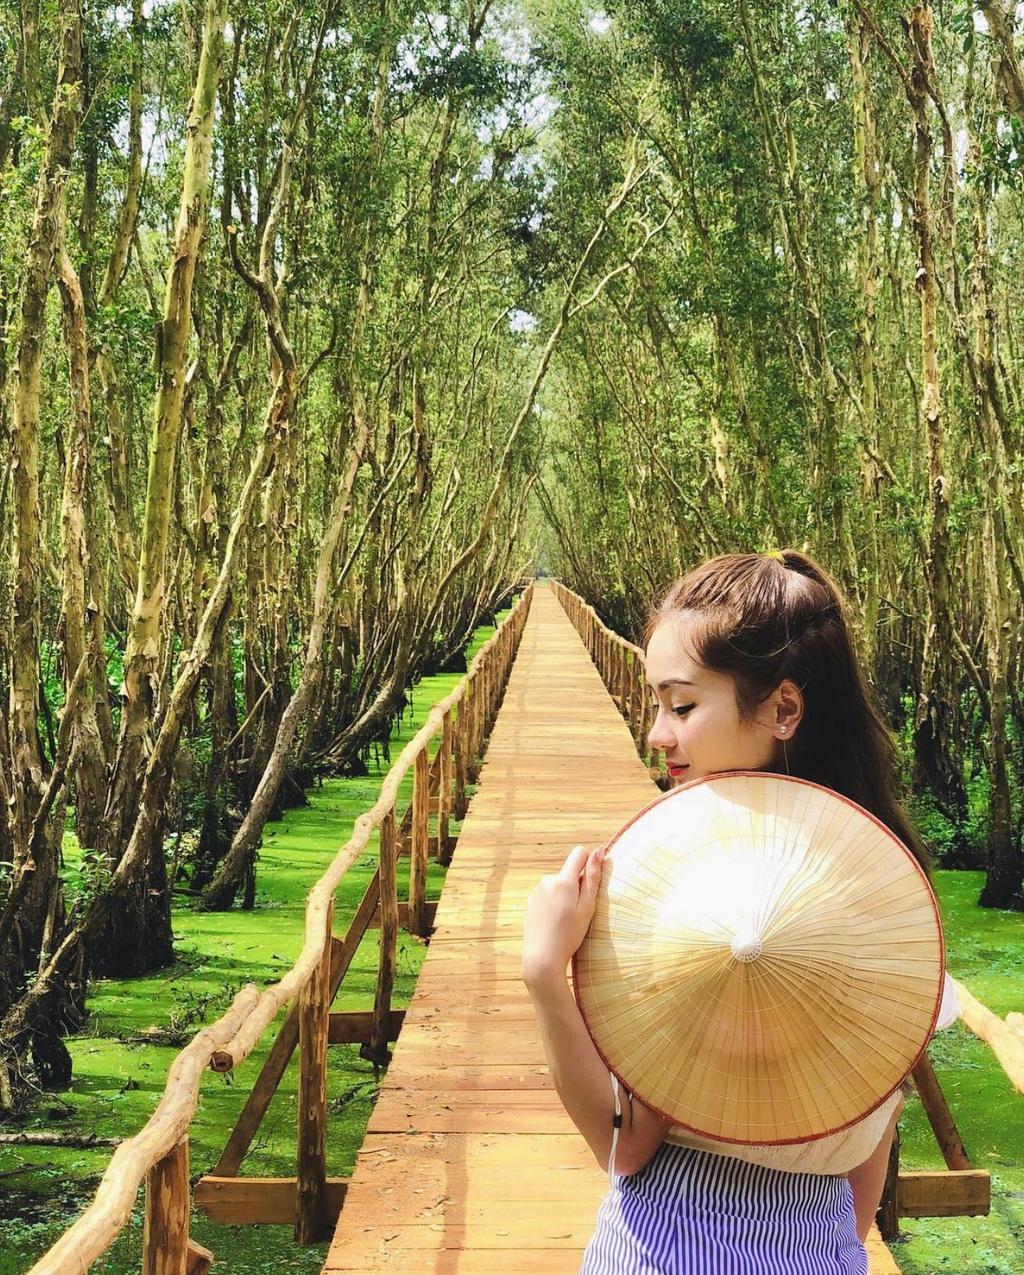 3 cánh rừng nguyên sinh miền Tây nổi tiếng trong giới xê dịch